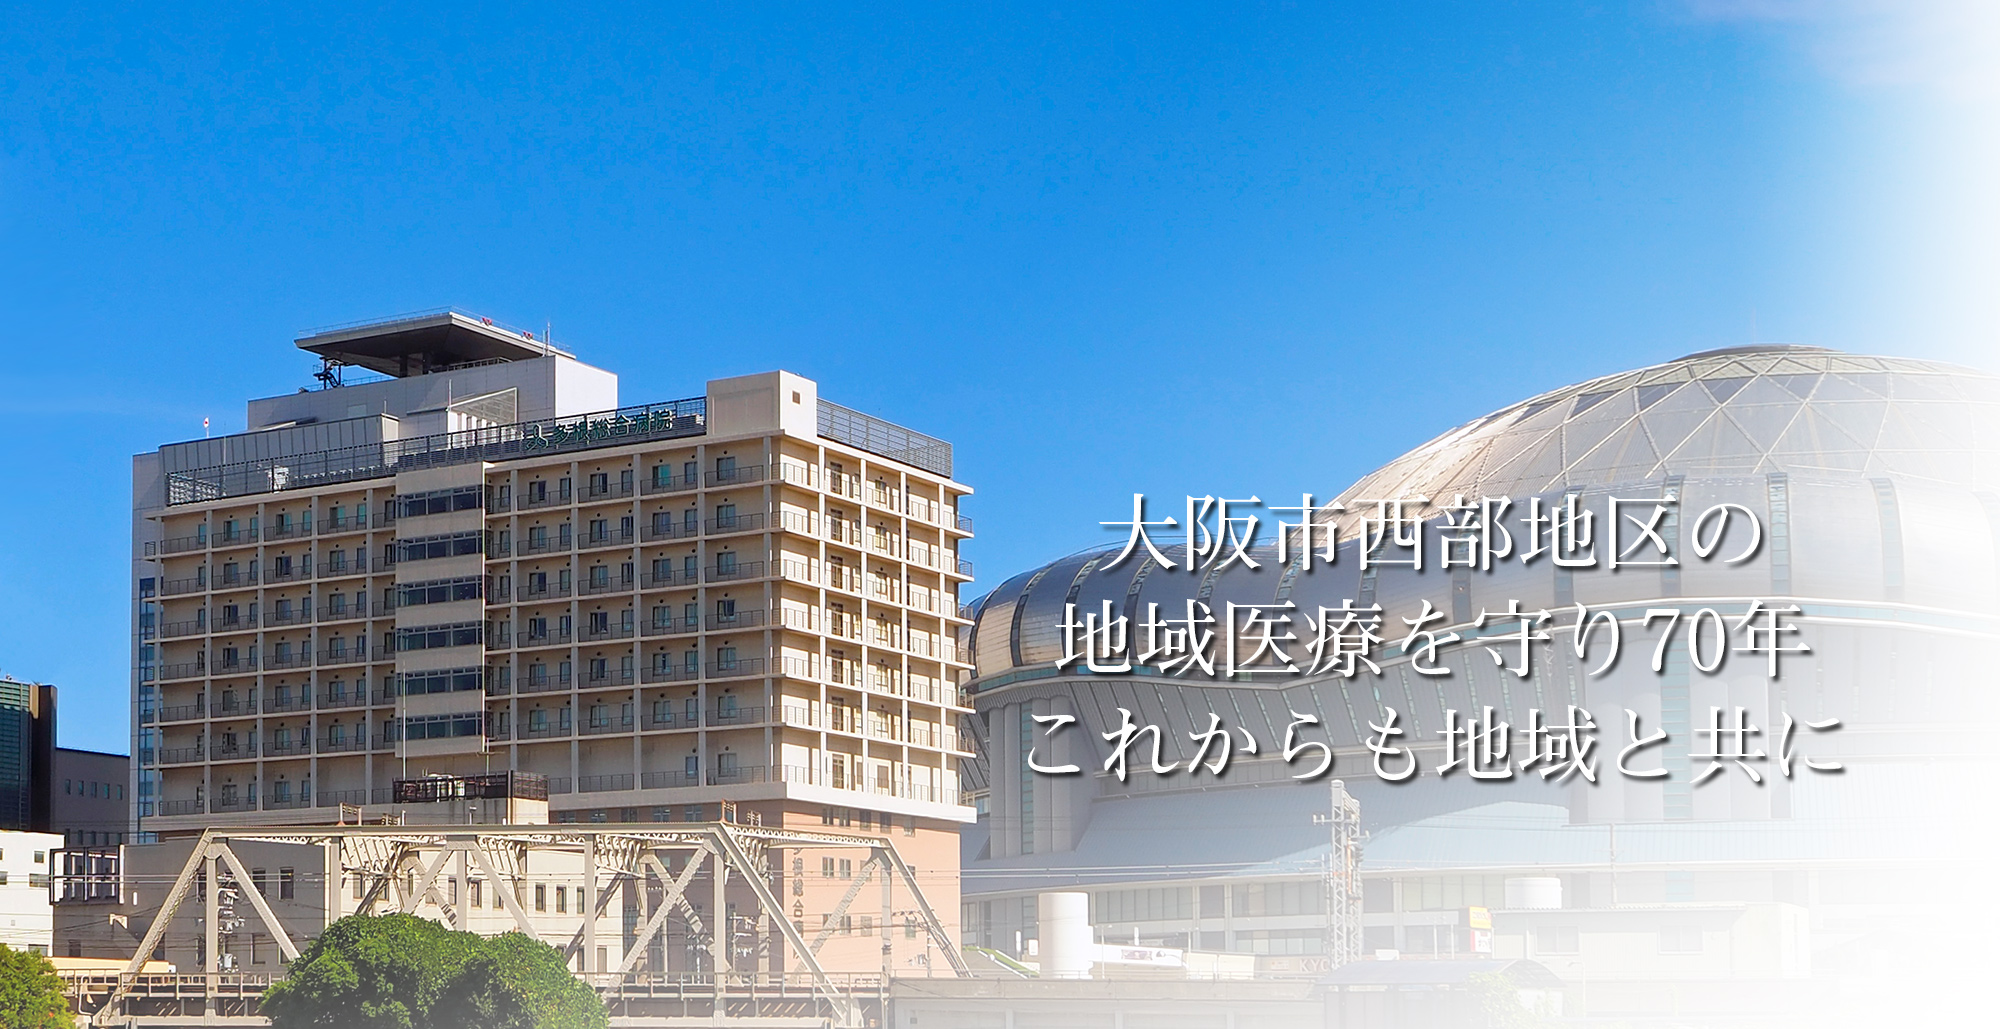 大阪市西部地区で地域のみなさまと共に70年を迎えることができました。